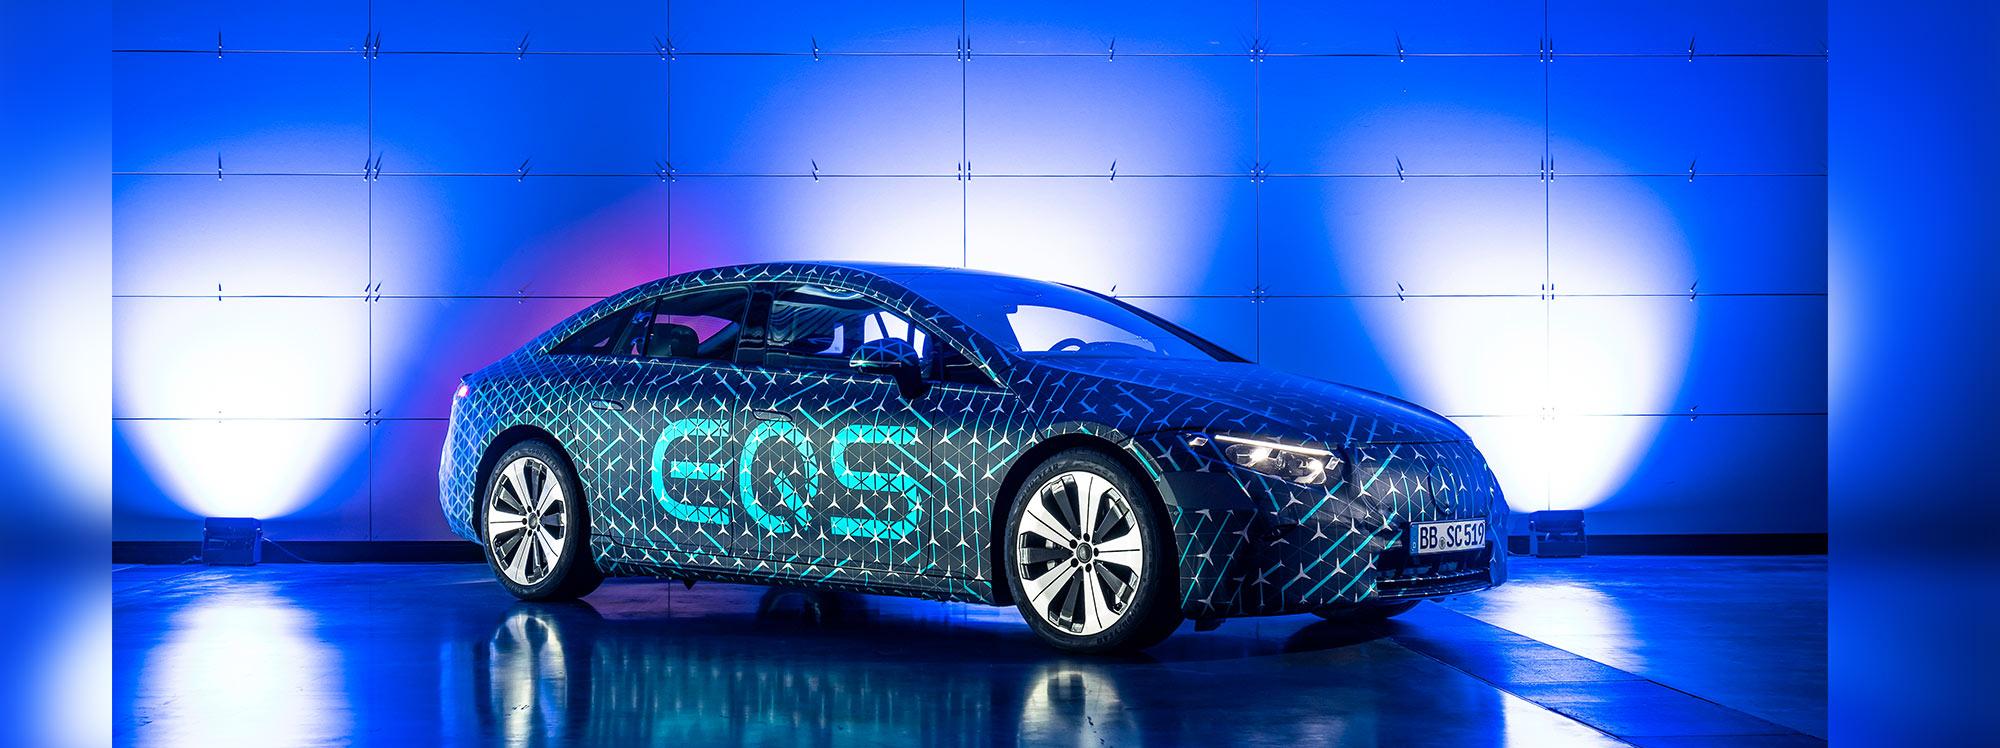 Estas son las nuevas gamas de Mercedes Benz Clase S y Clase C